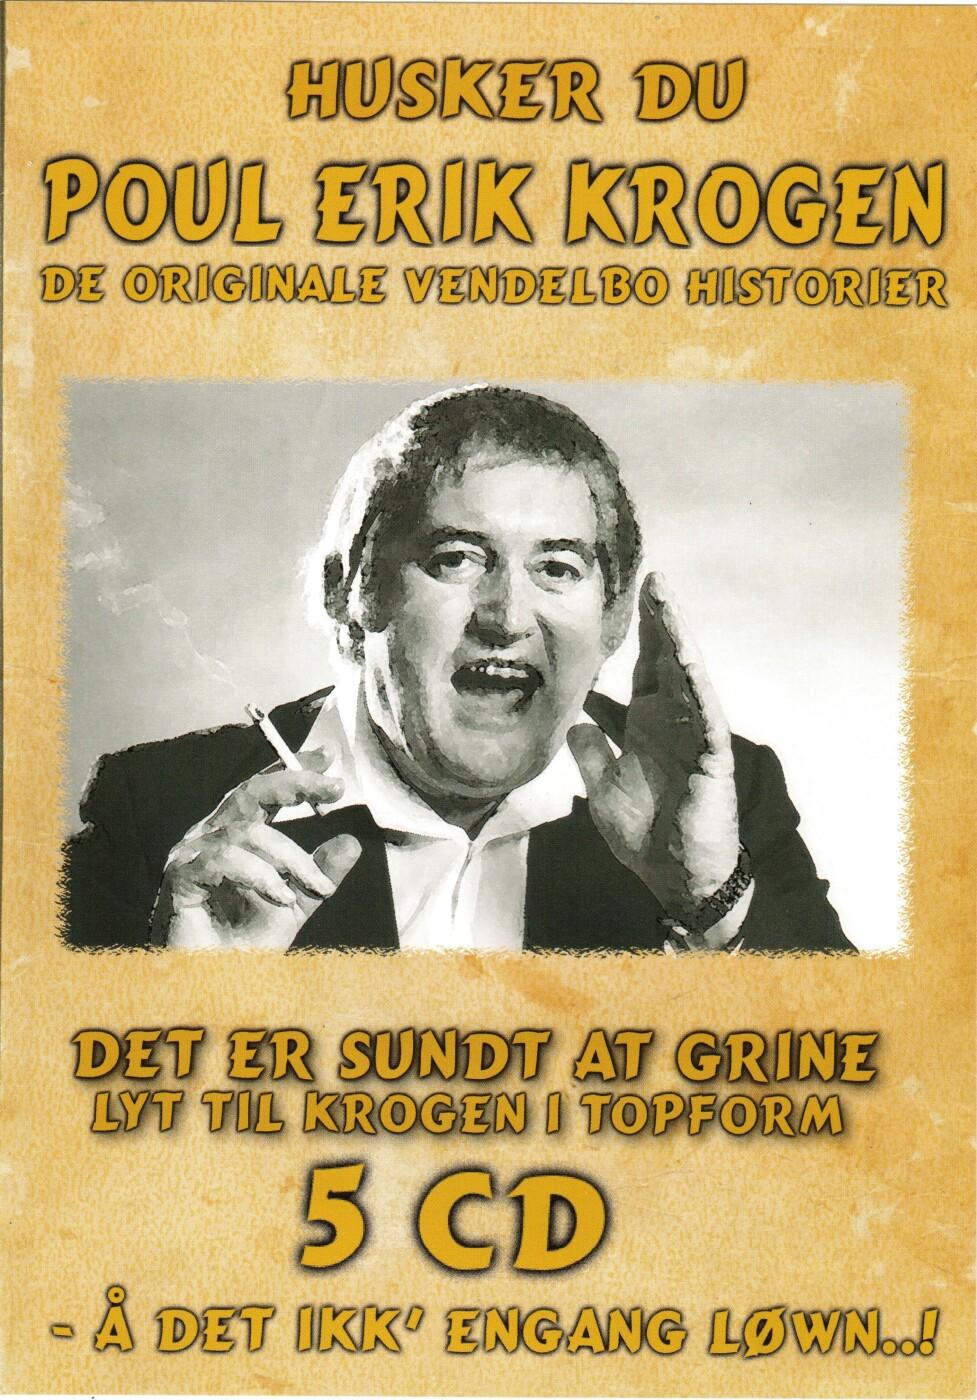 Billede af Poul Erik Krogen - Husker Du Poul Erik Krogen - De Originale Vendelbo Historier - CD